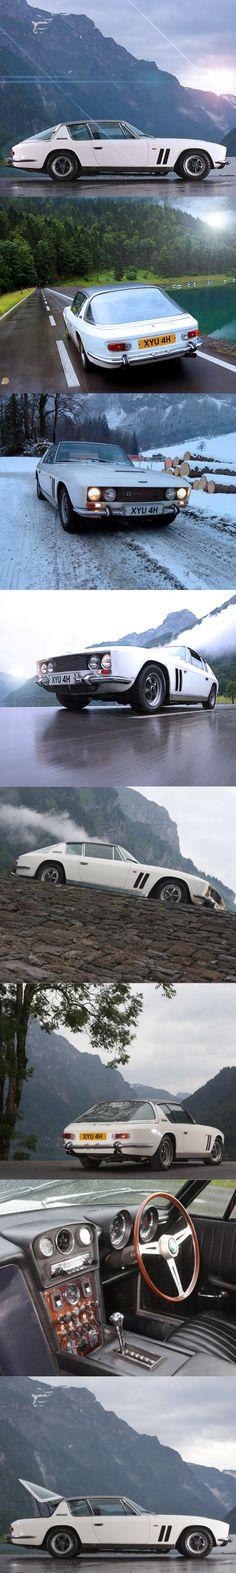 1968 Jensen FF Interceptor / Ferguson 4wd / UK Italy / 6.3l V8 / Touring / white / 17-361